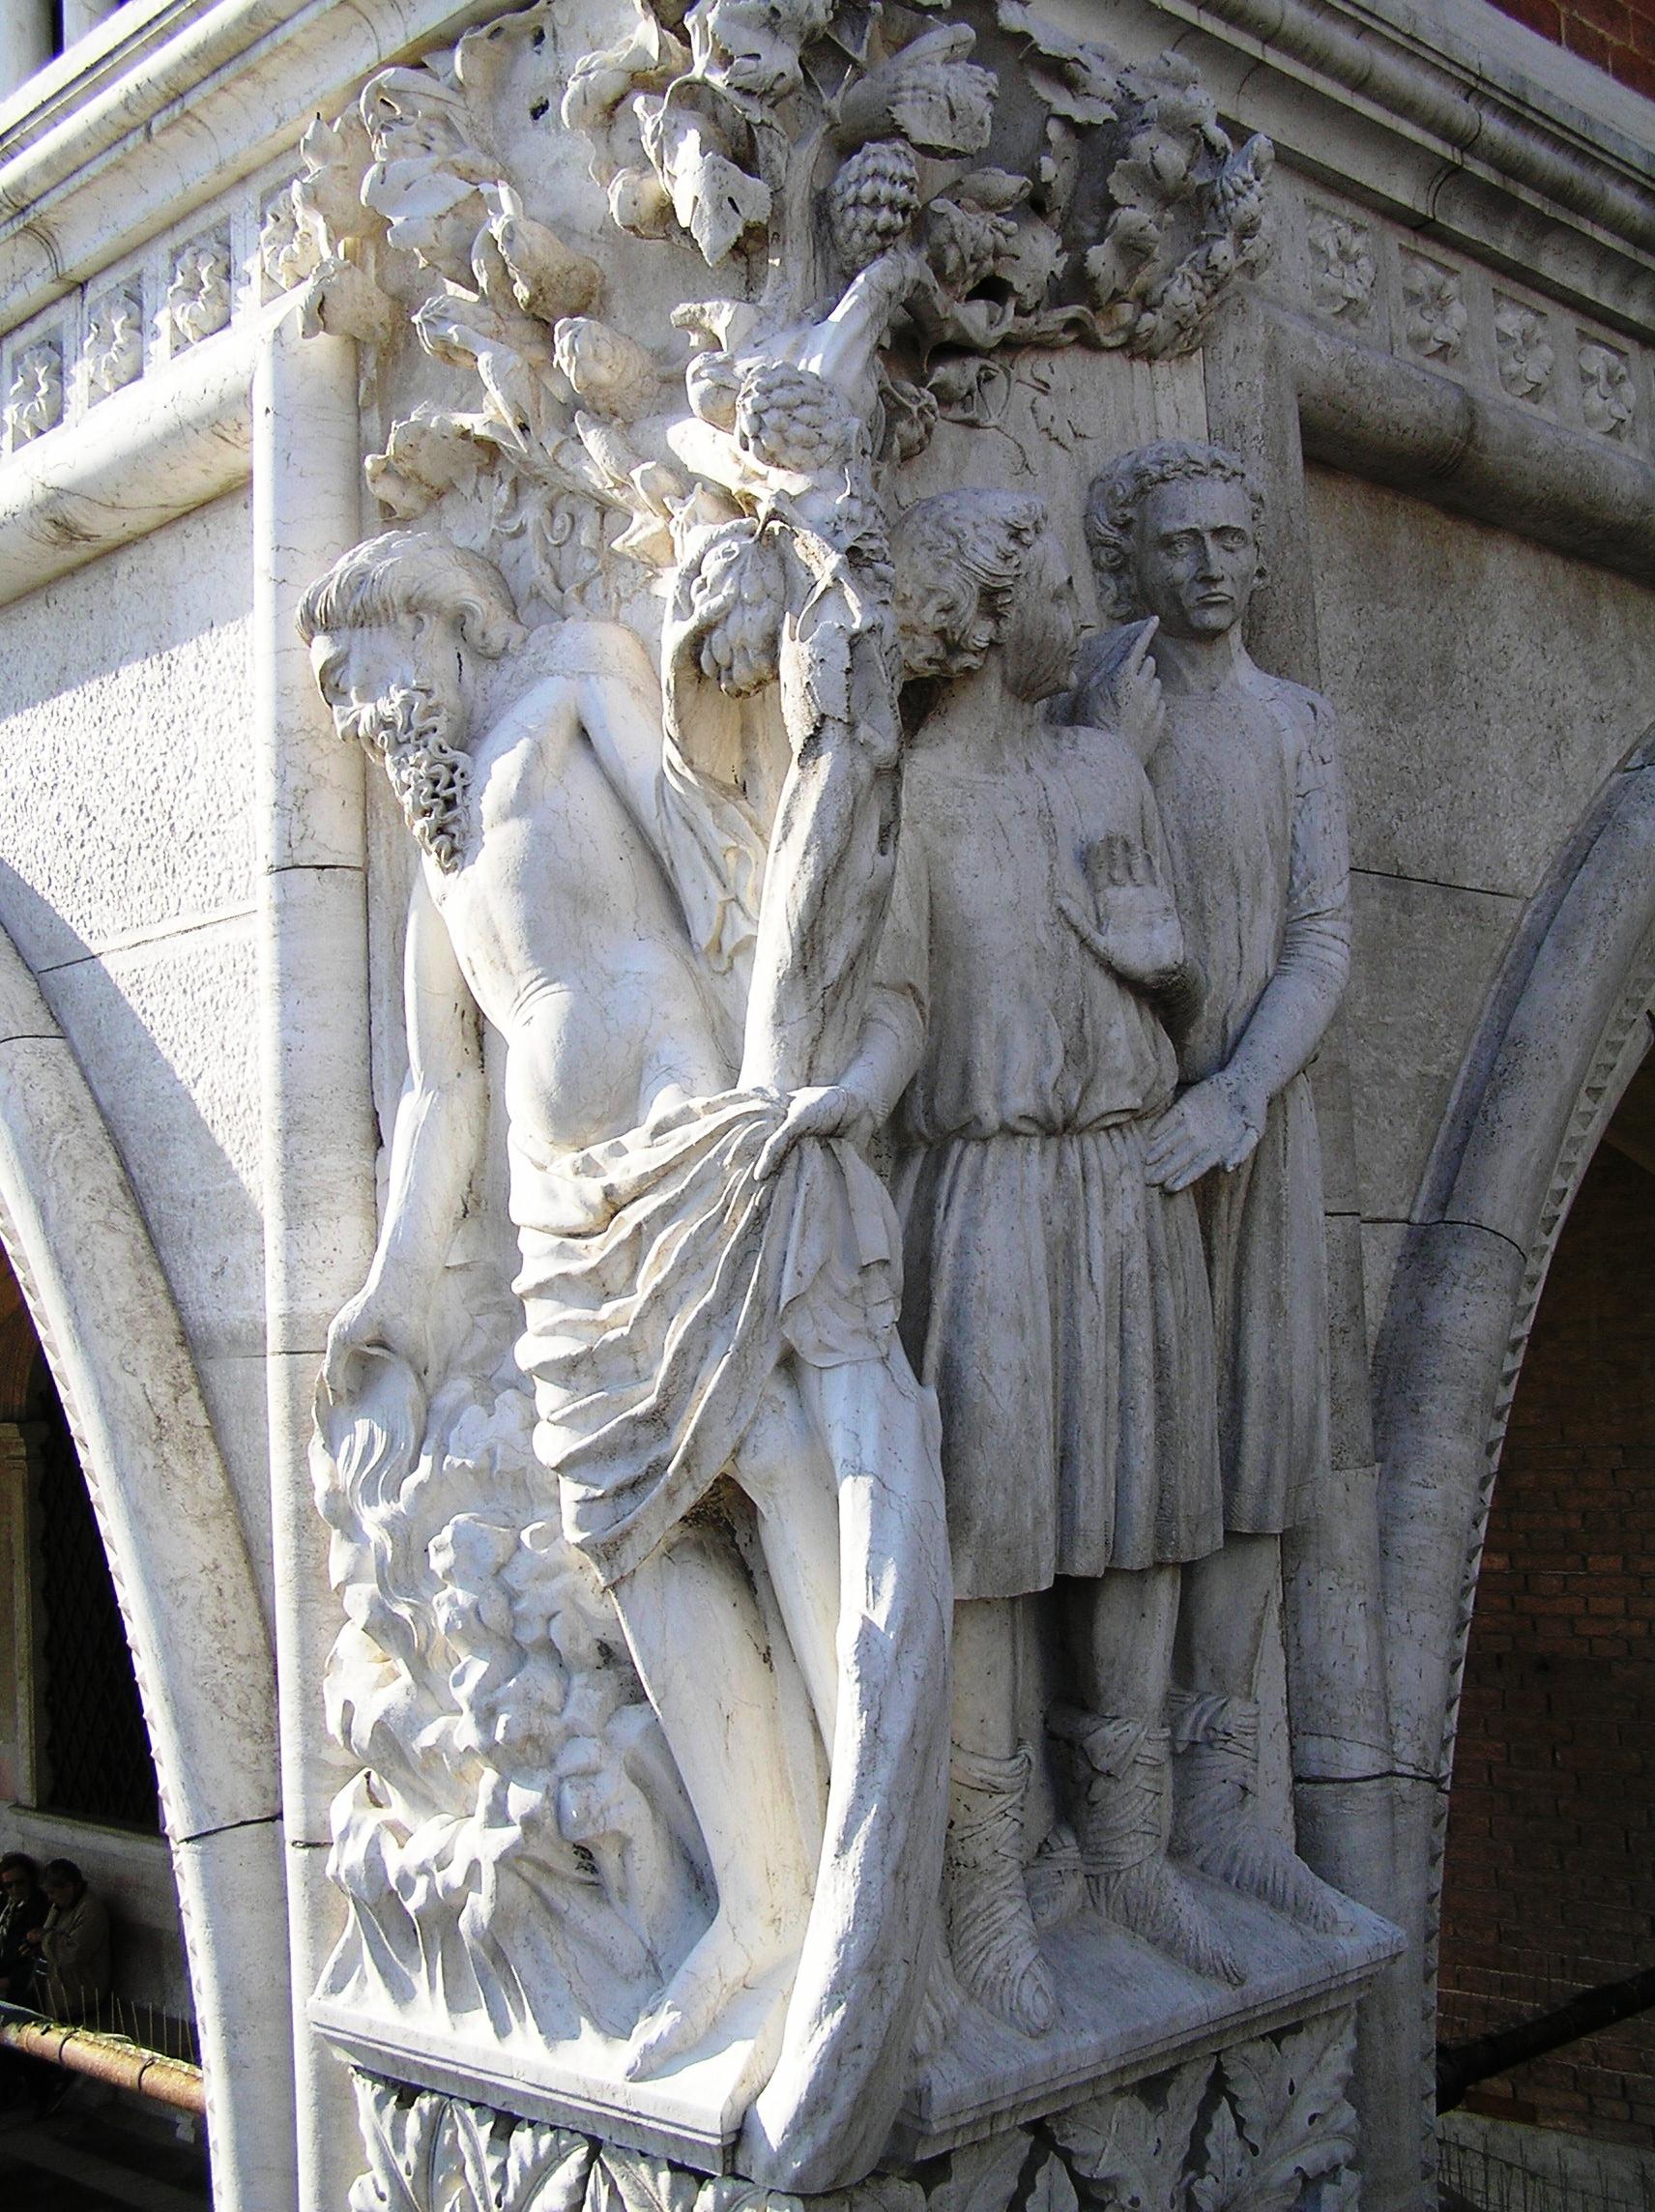 Itálie - Benátky - Dožecí palác, detail Noemova opilství